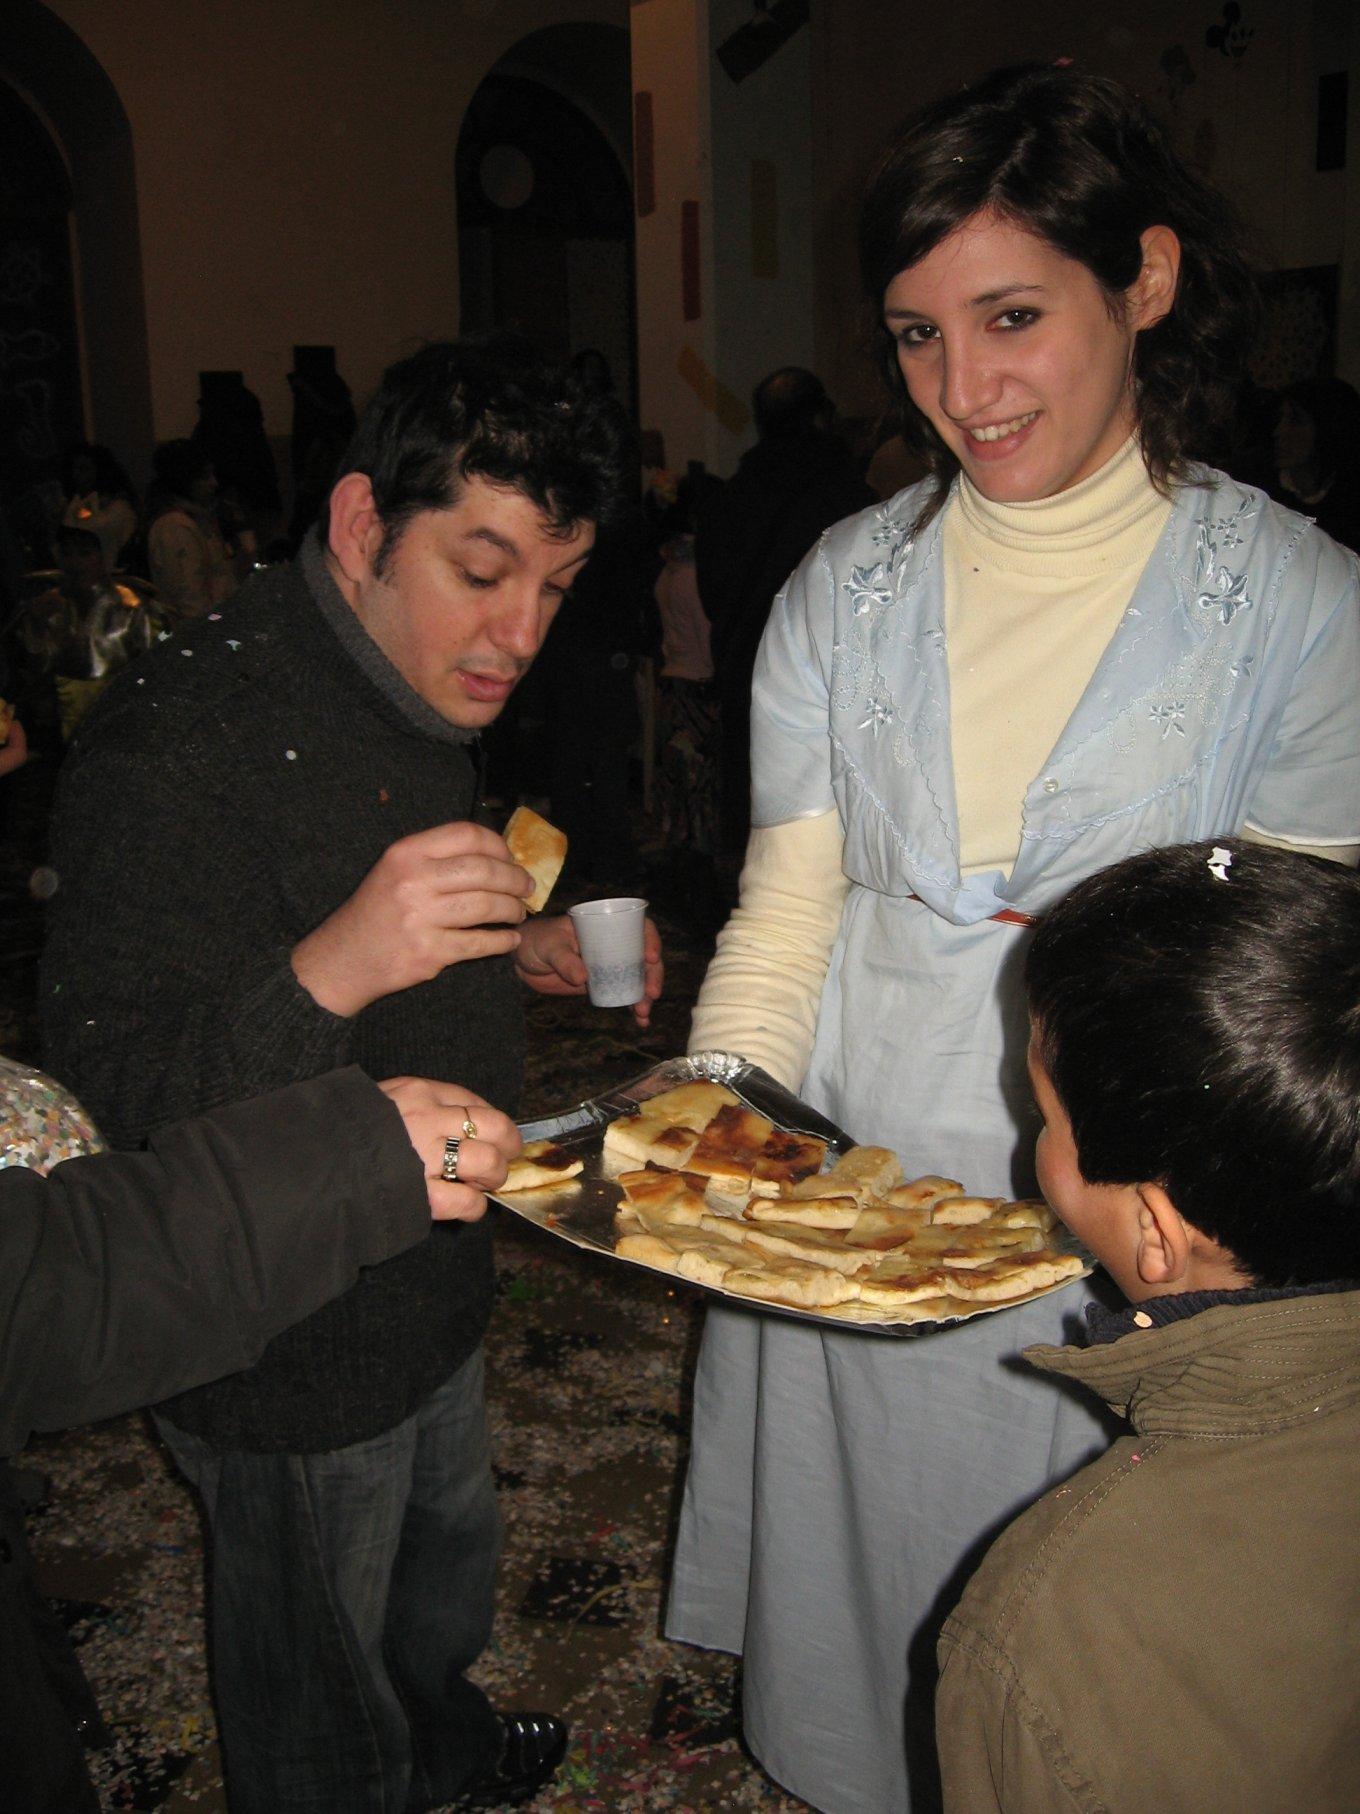 Pentolaccia-2009-02-22--17.39.50.jpg